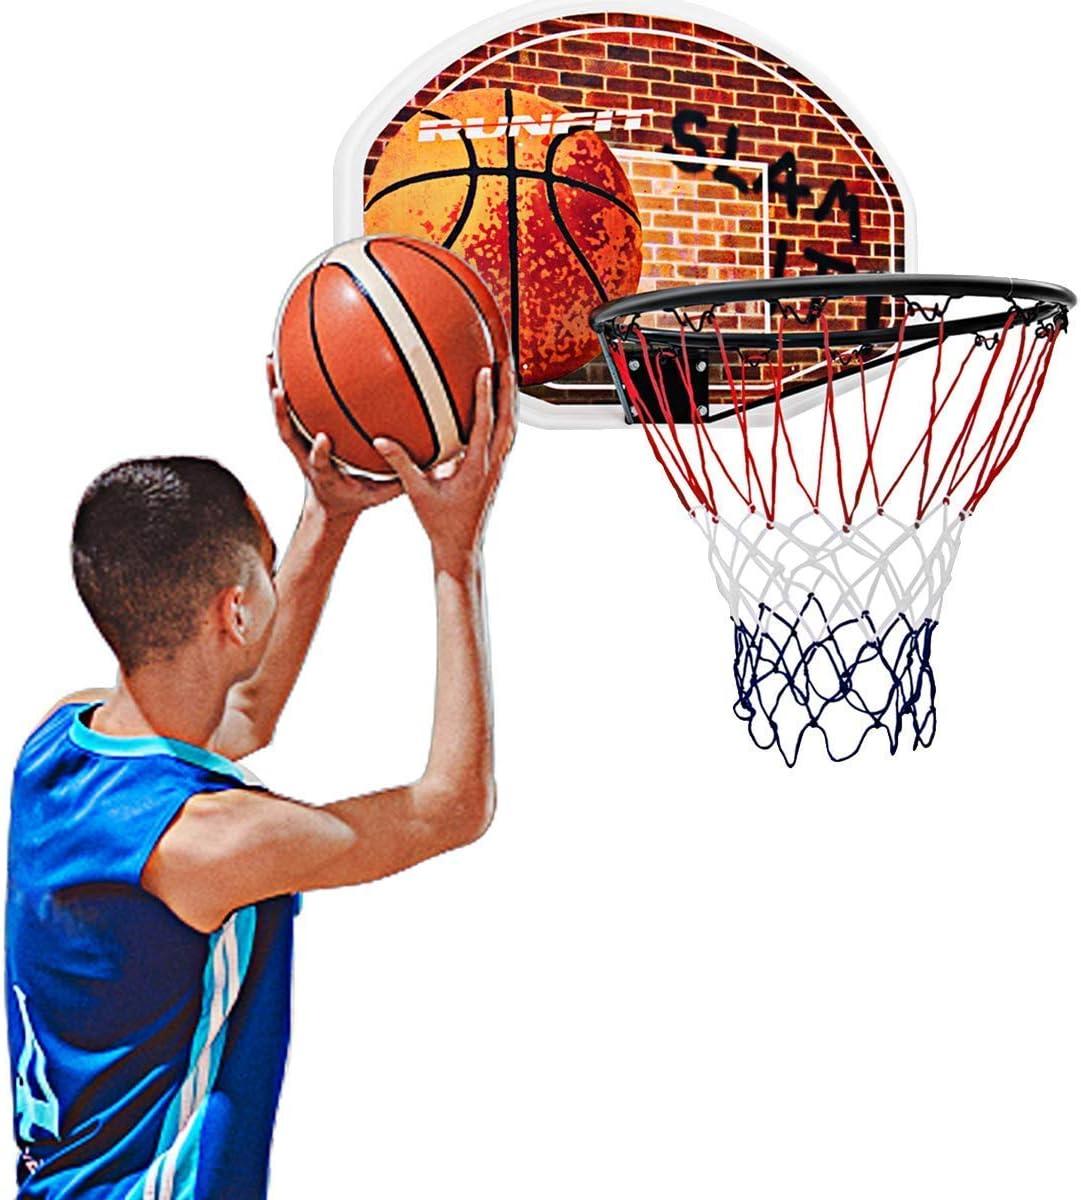 Wall Mounted Basketball Hoop Basketball Set With Backboard Basktball For Kids Chalkalon Mini Basketball Hoop Set Green Kids Indoor Basketball Hoop Play Set